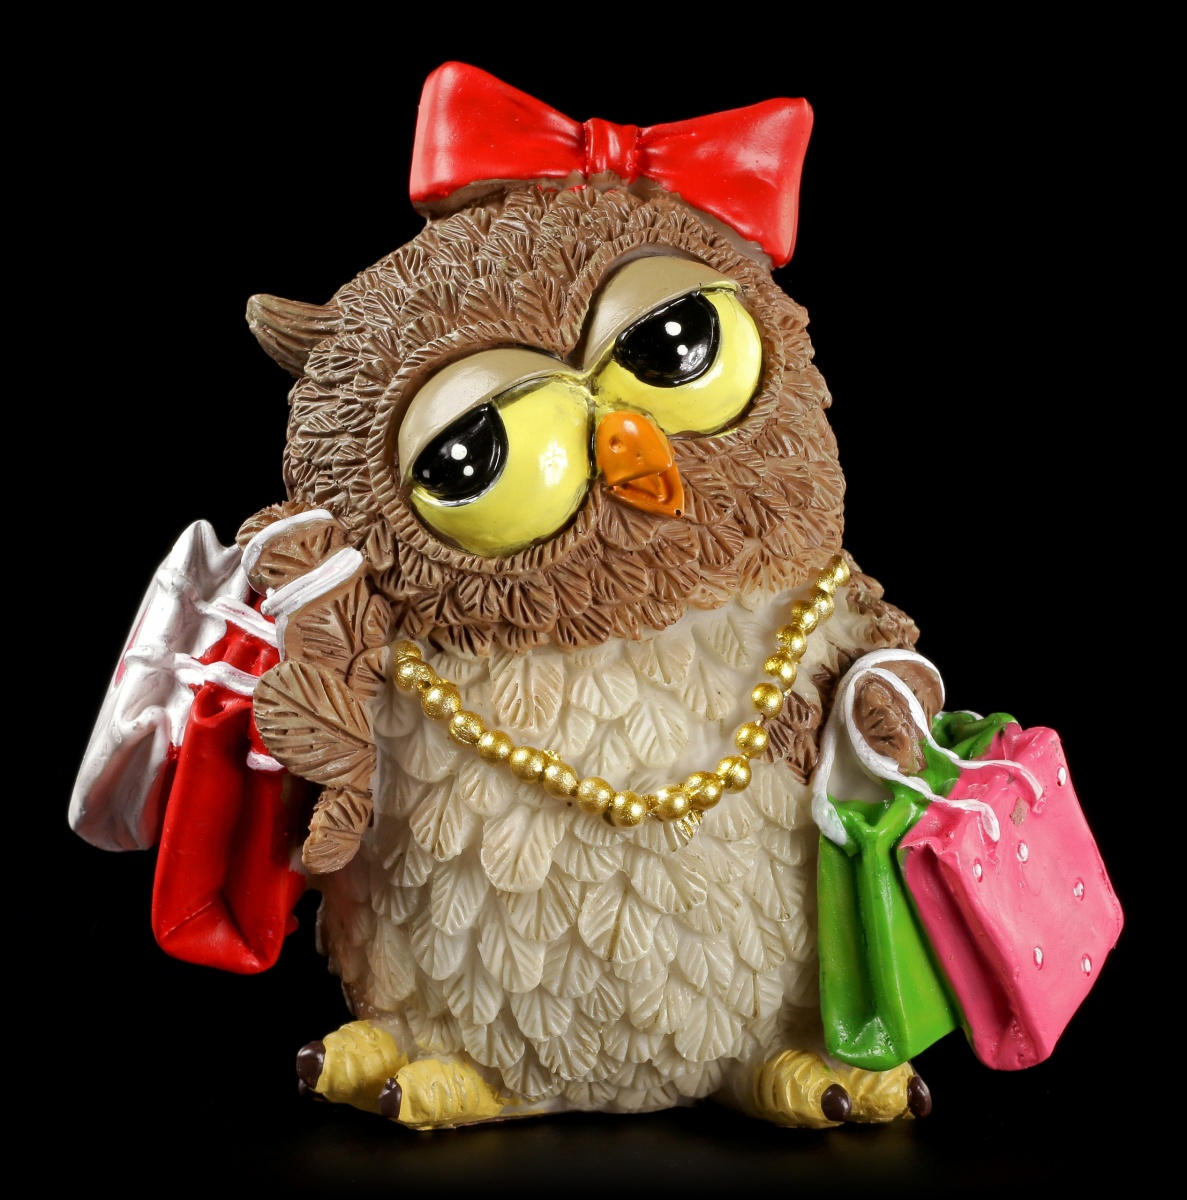 Lustige Eulen Figur Shopping Queen Witziges Geschenk Spass Deko